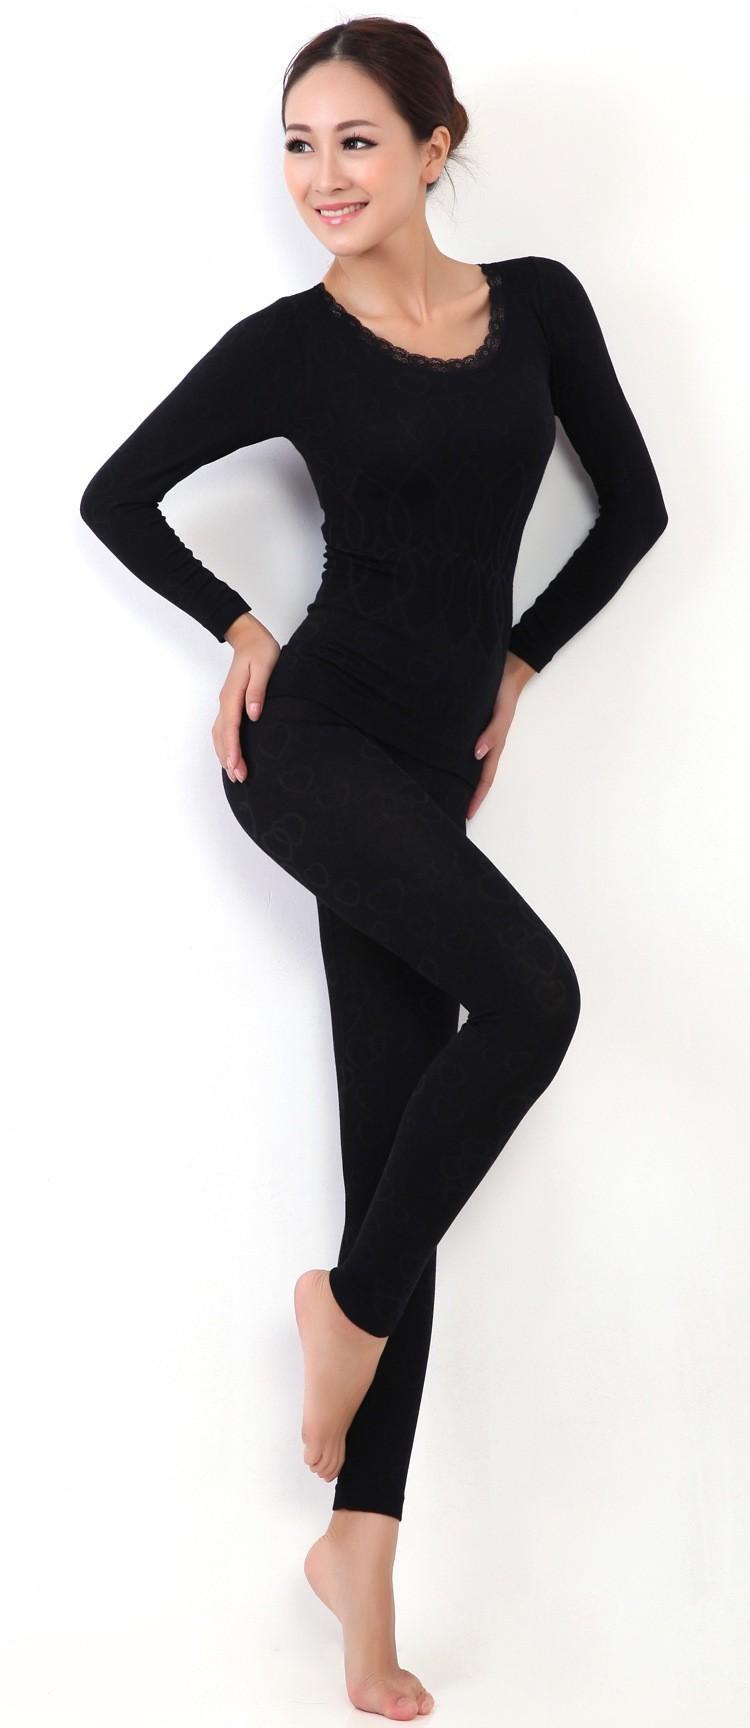 Женщины в о шея кружево интимные пижама тепловой нижнее белье пижамы комплект длинный рукав для женщины кальсоны осень / зима для дома